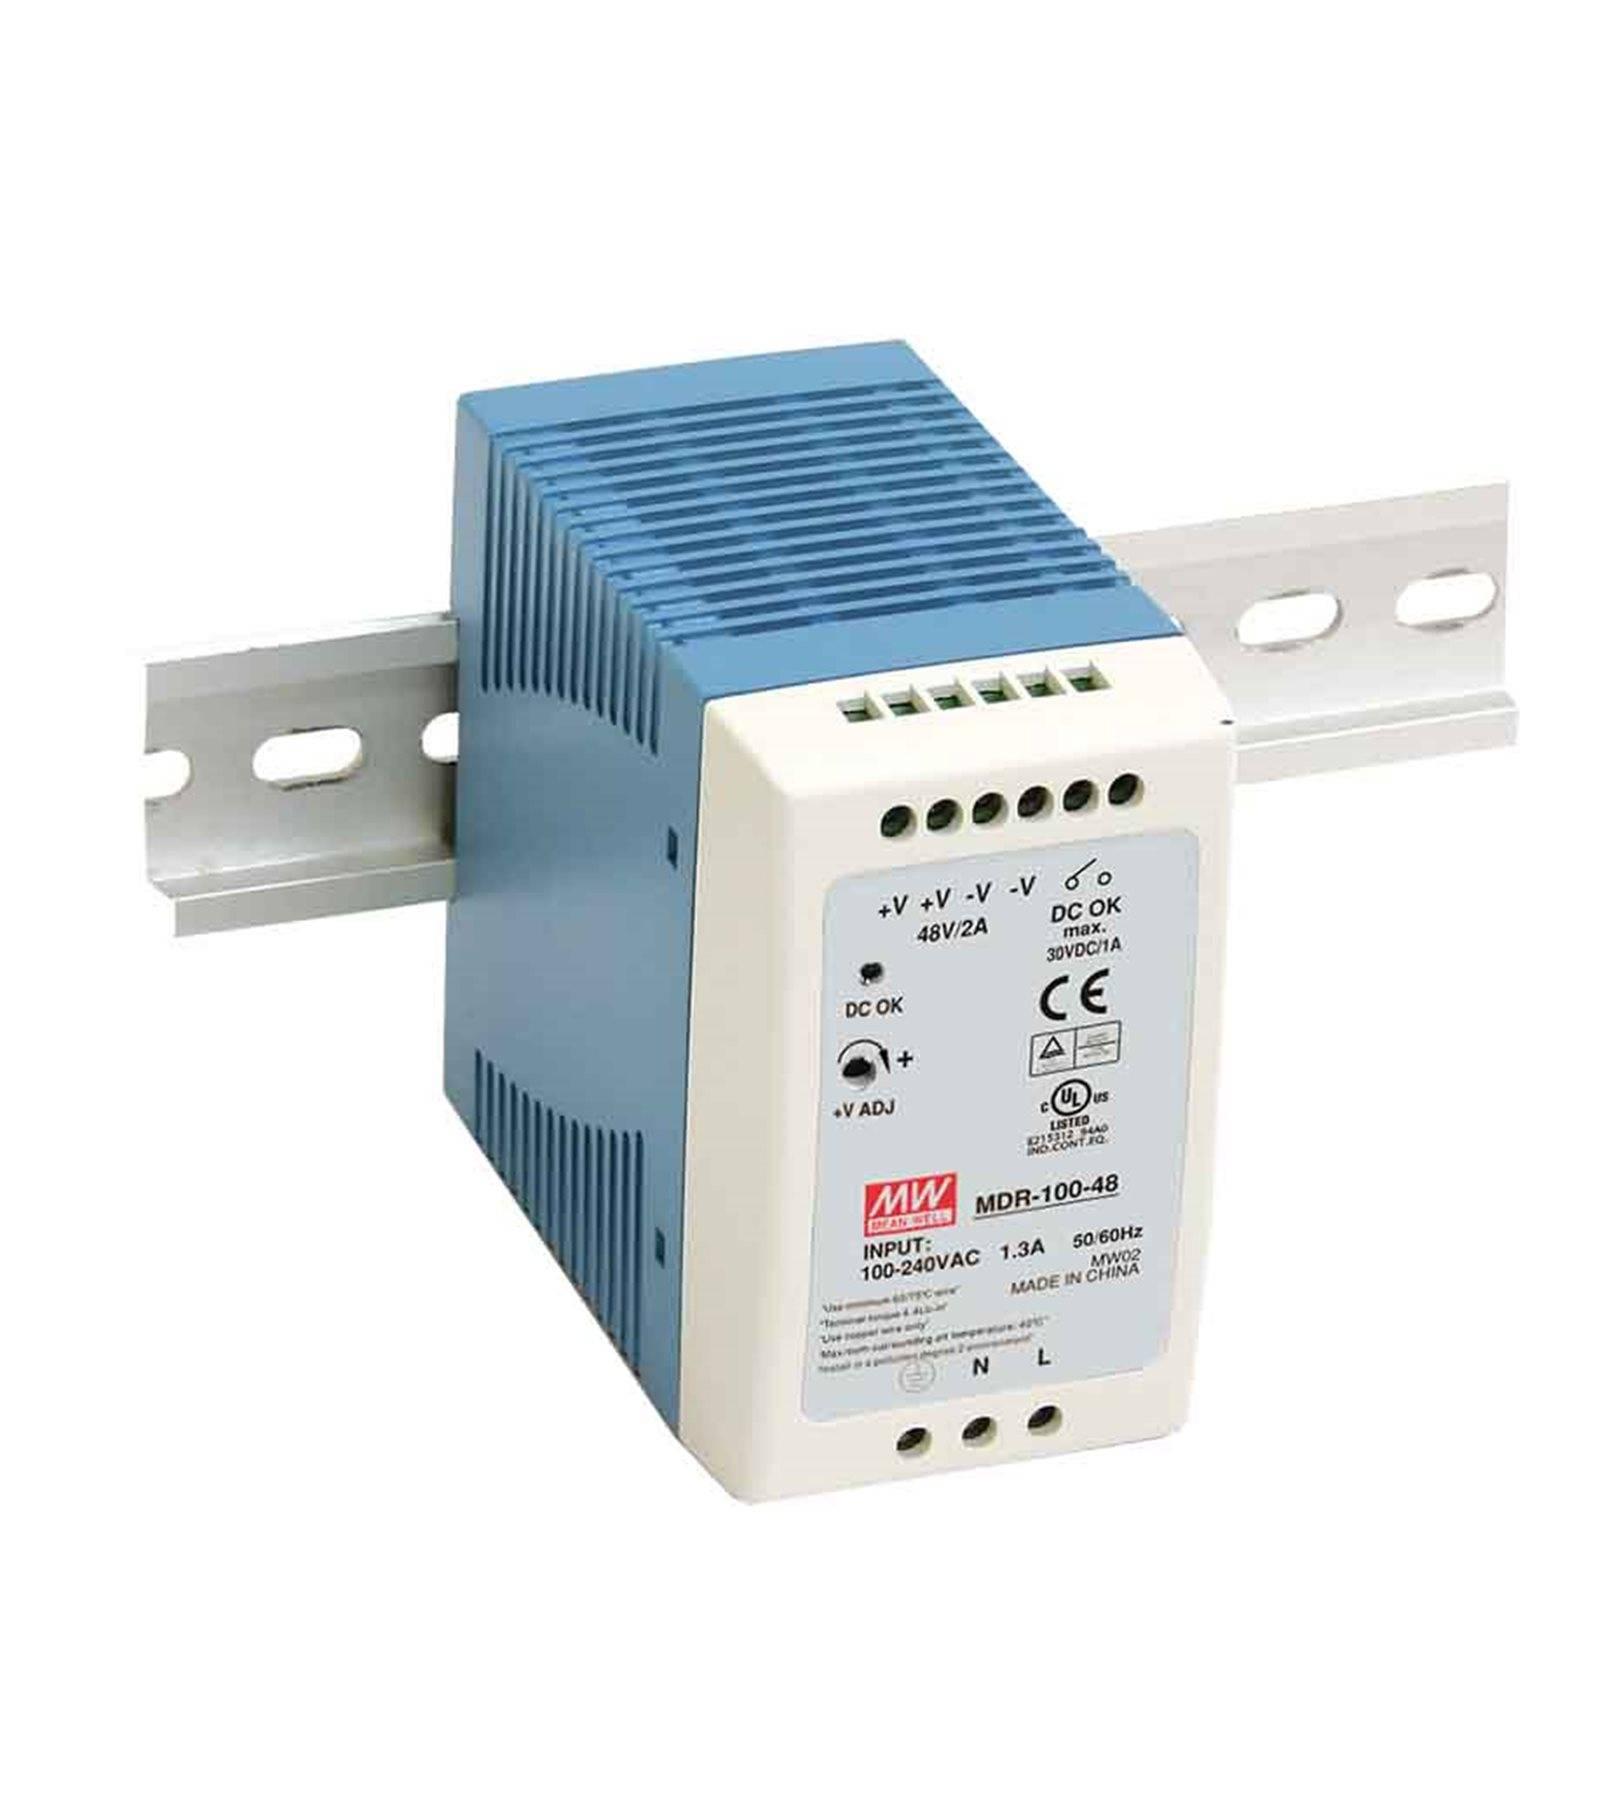 Mean Well Transformateur pour rail DIN armoire électrique 100Wà 12V DC MDR-100-12 MEAN WELL - MDR-100-12